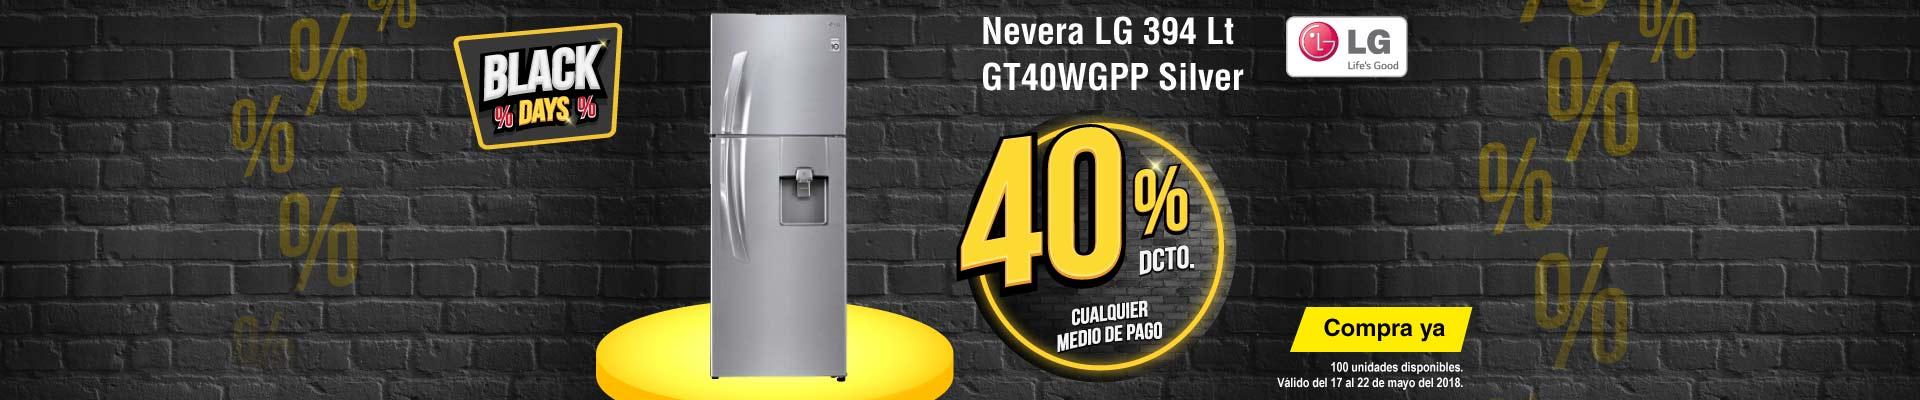 PPAL ALKP-4-LB-Nevera LG 394 Lt GT40WGPP Silver-prod-Mayo17-22